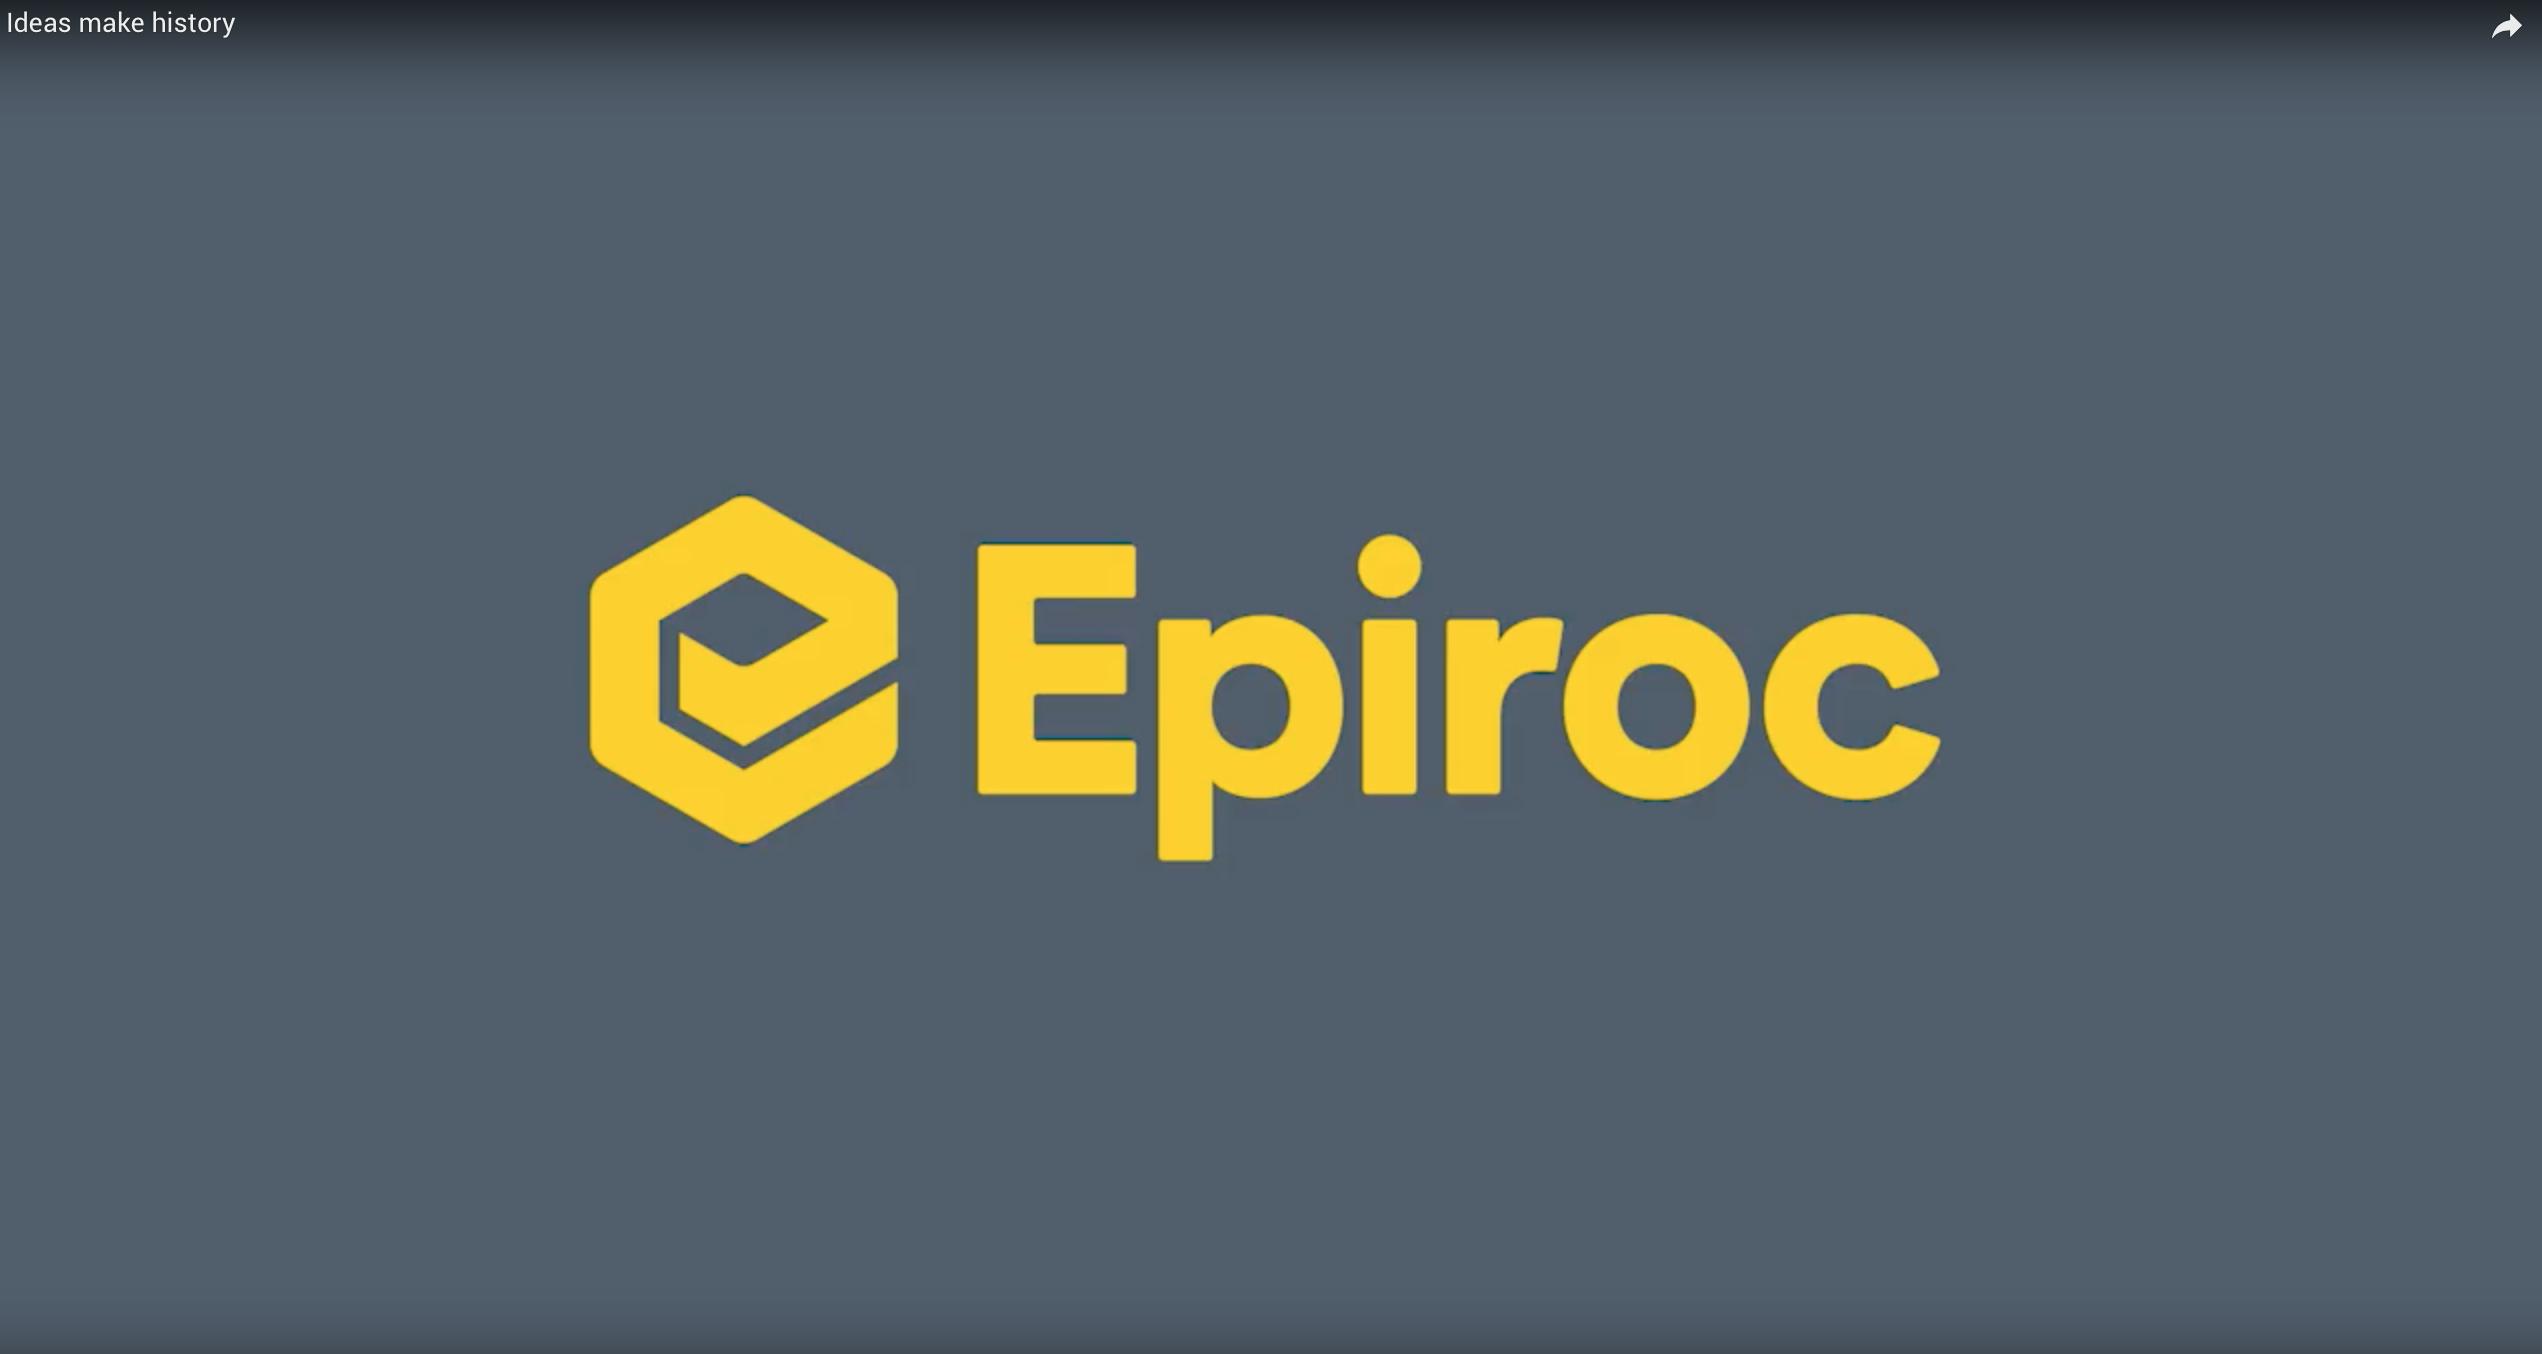 EPIROC: LA STORIA DELLE IDEE - Perforare -  - News Perforazioni